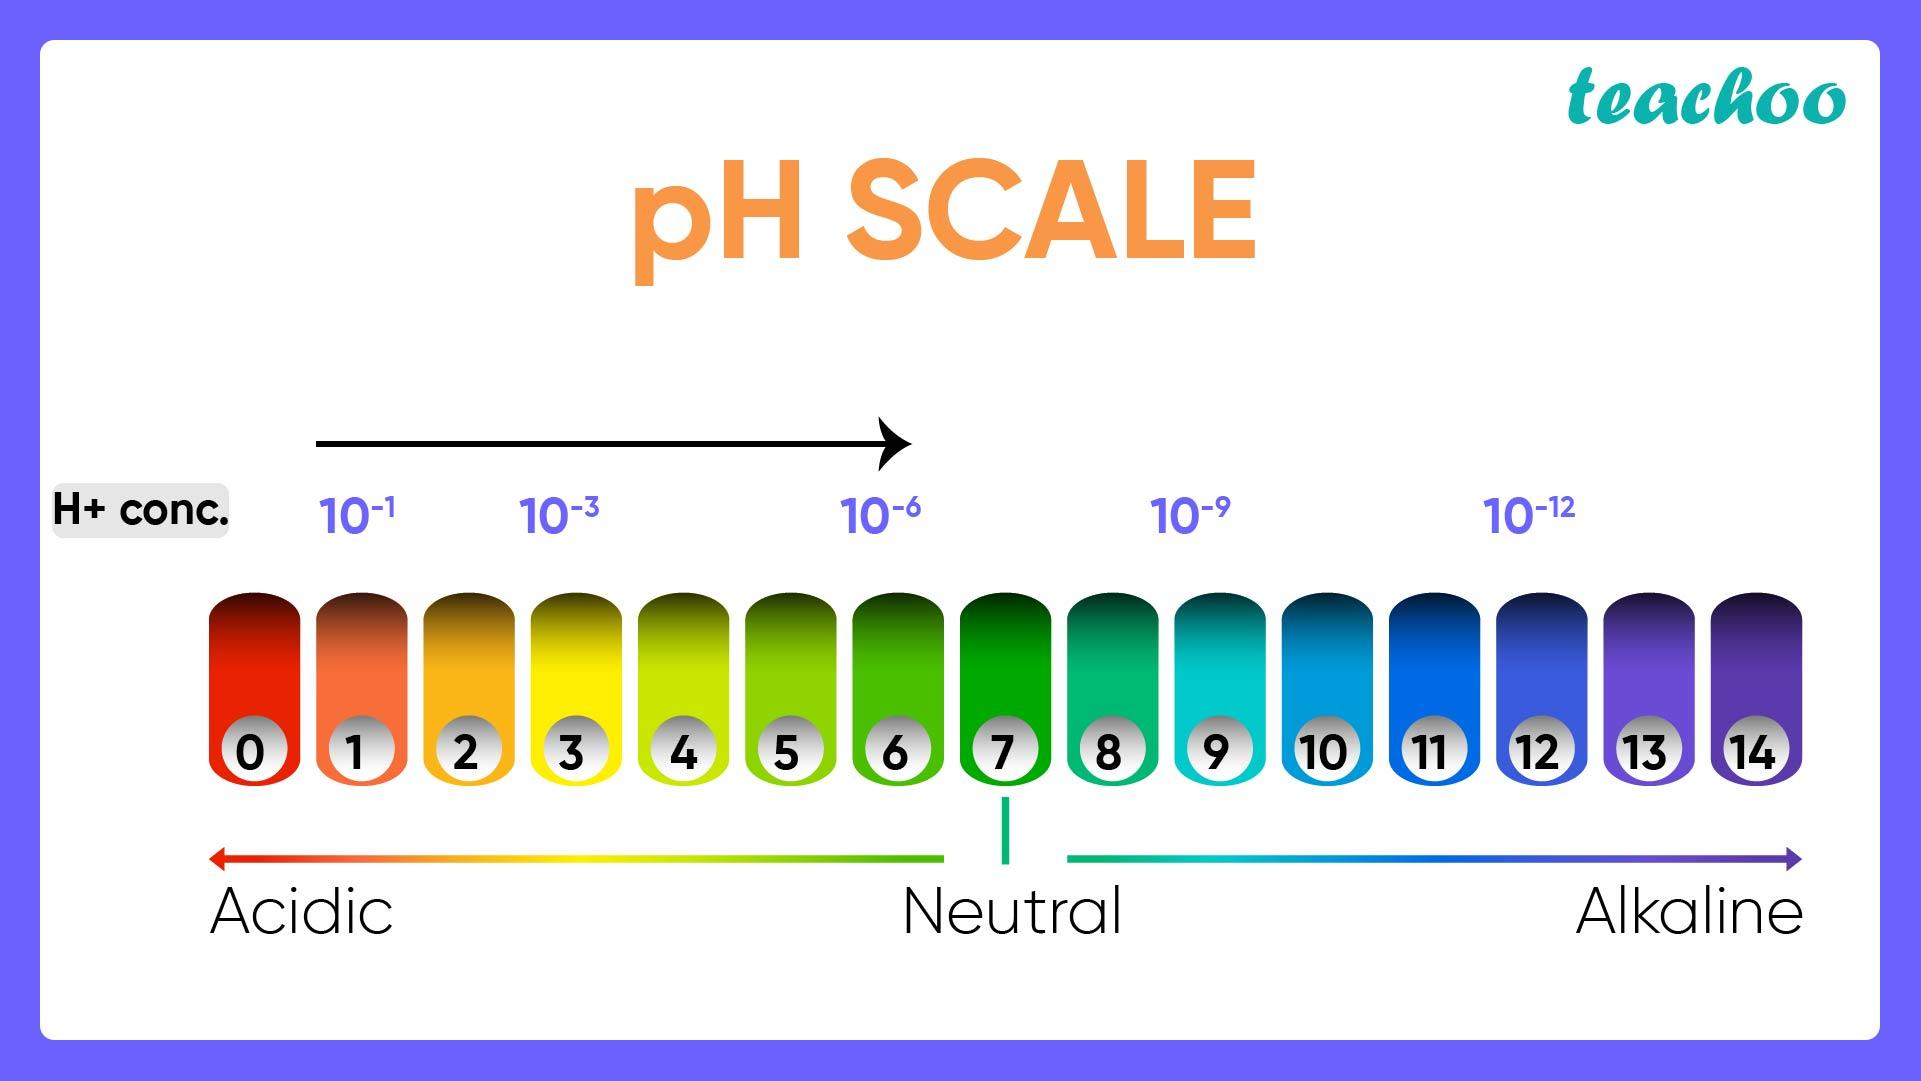 pH scale-Techoo-01.jpg